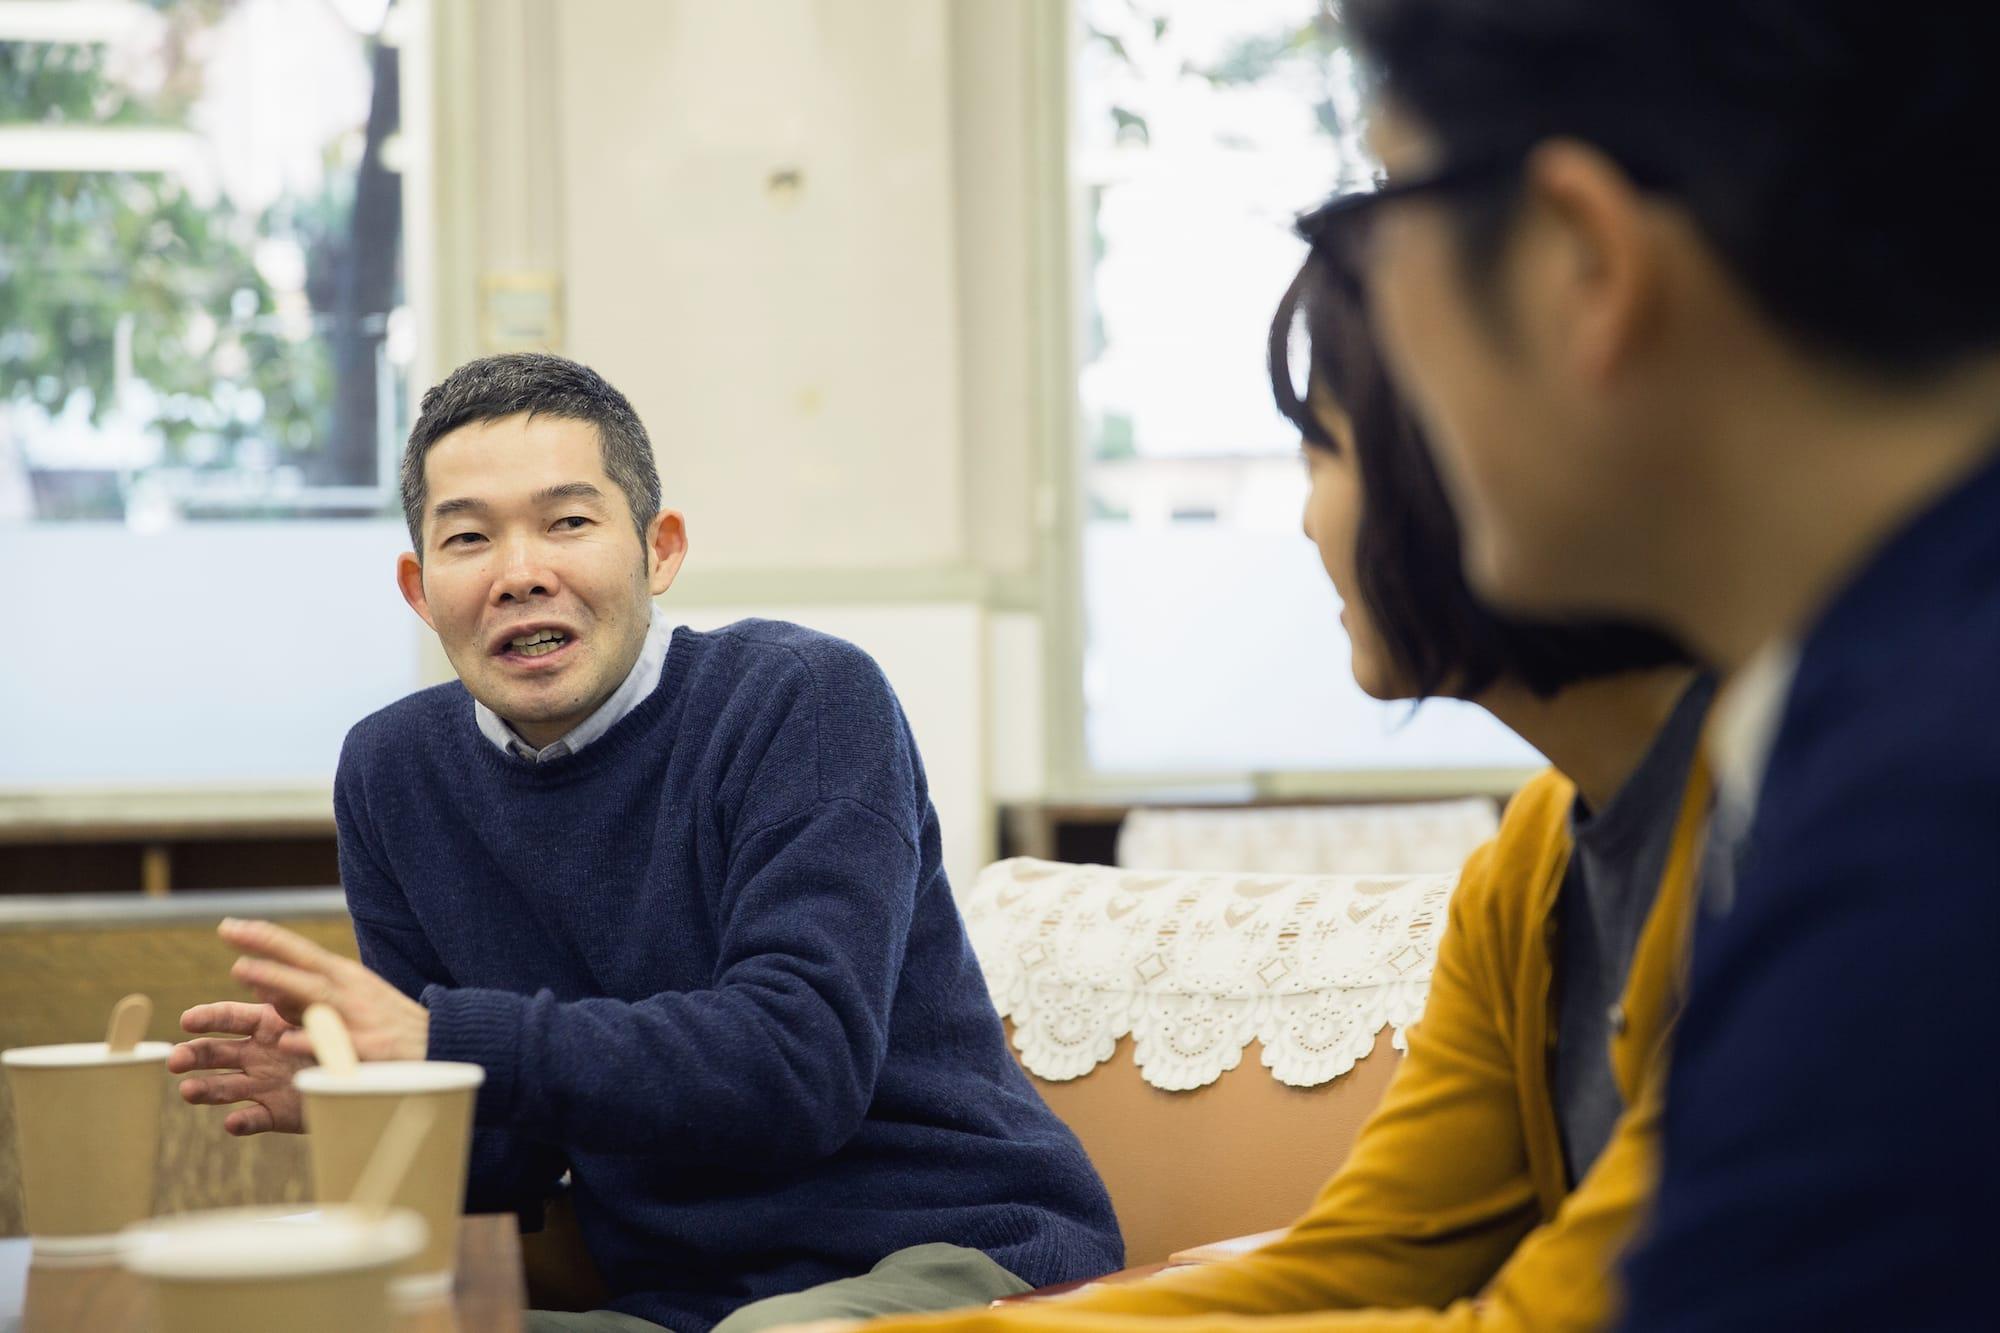 菅原直樹さんは「老いと演劇 OiBokkeShi」を立ち上げて4年目。介護と演劇をつなぐその活動に注目が集まる中、12月24・25日、1月27・28日には、4作目となる新作『カメラマンの変態』を上演。